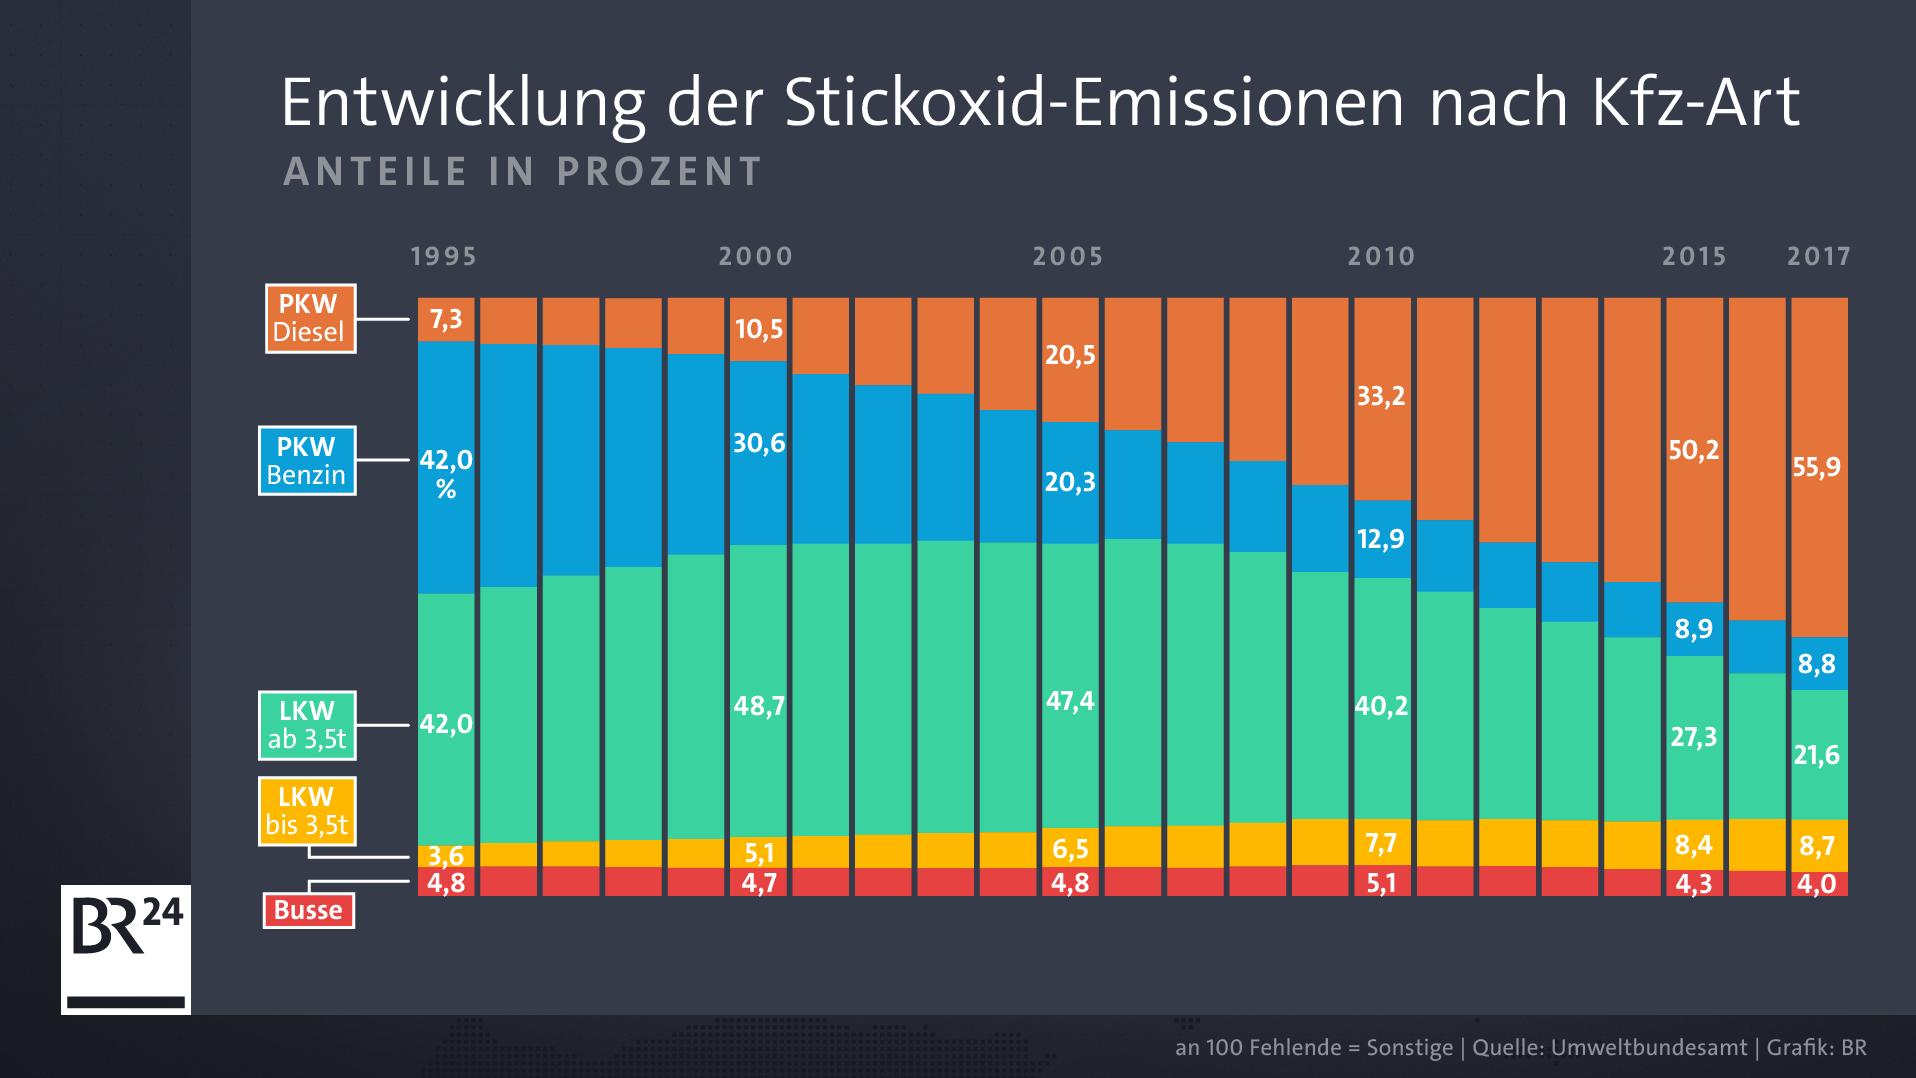 Die Entwicklung der Stickoxid-Emissionsanteile am Straßenverkehr in Deutschland nach Kfz-Art.